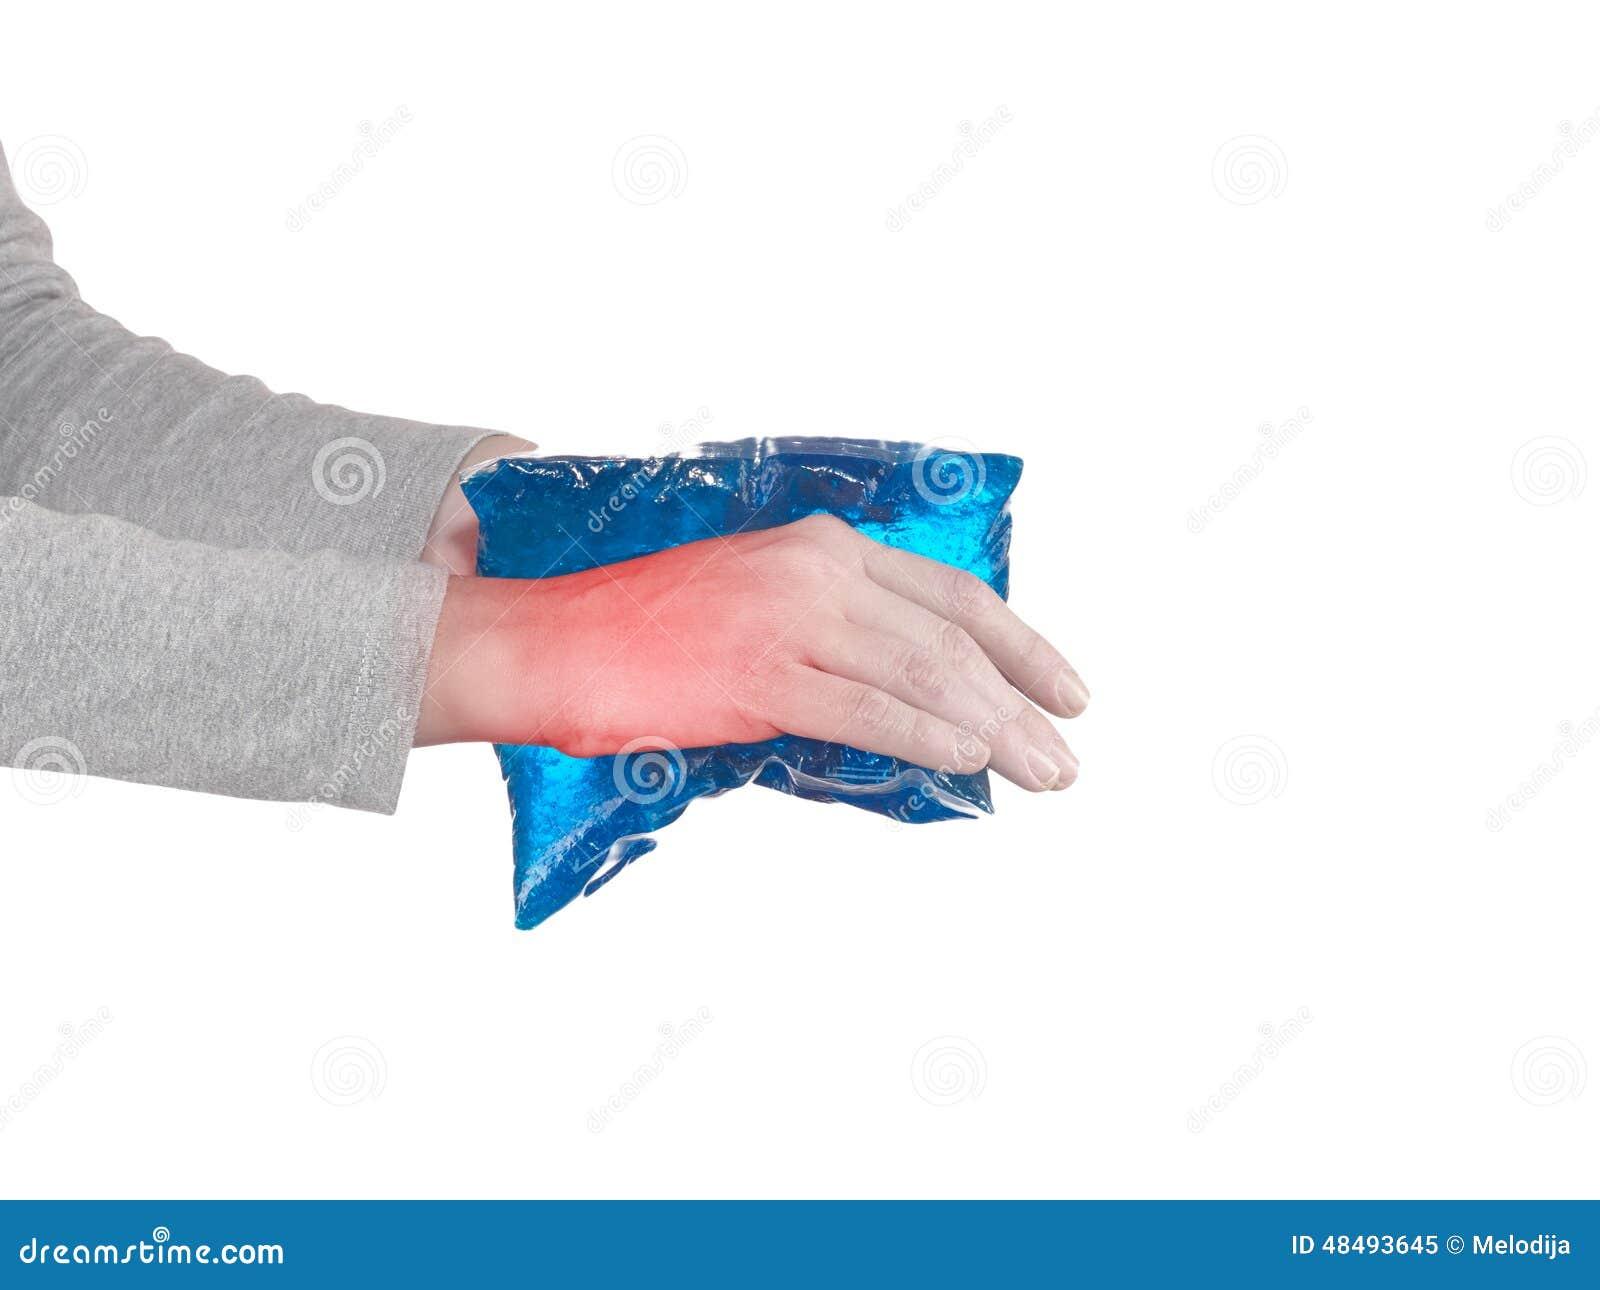 Handgelenk-Verletzung stockbild. Bild von verletzung